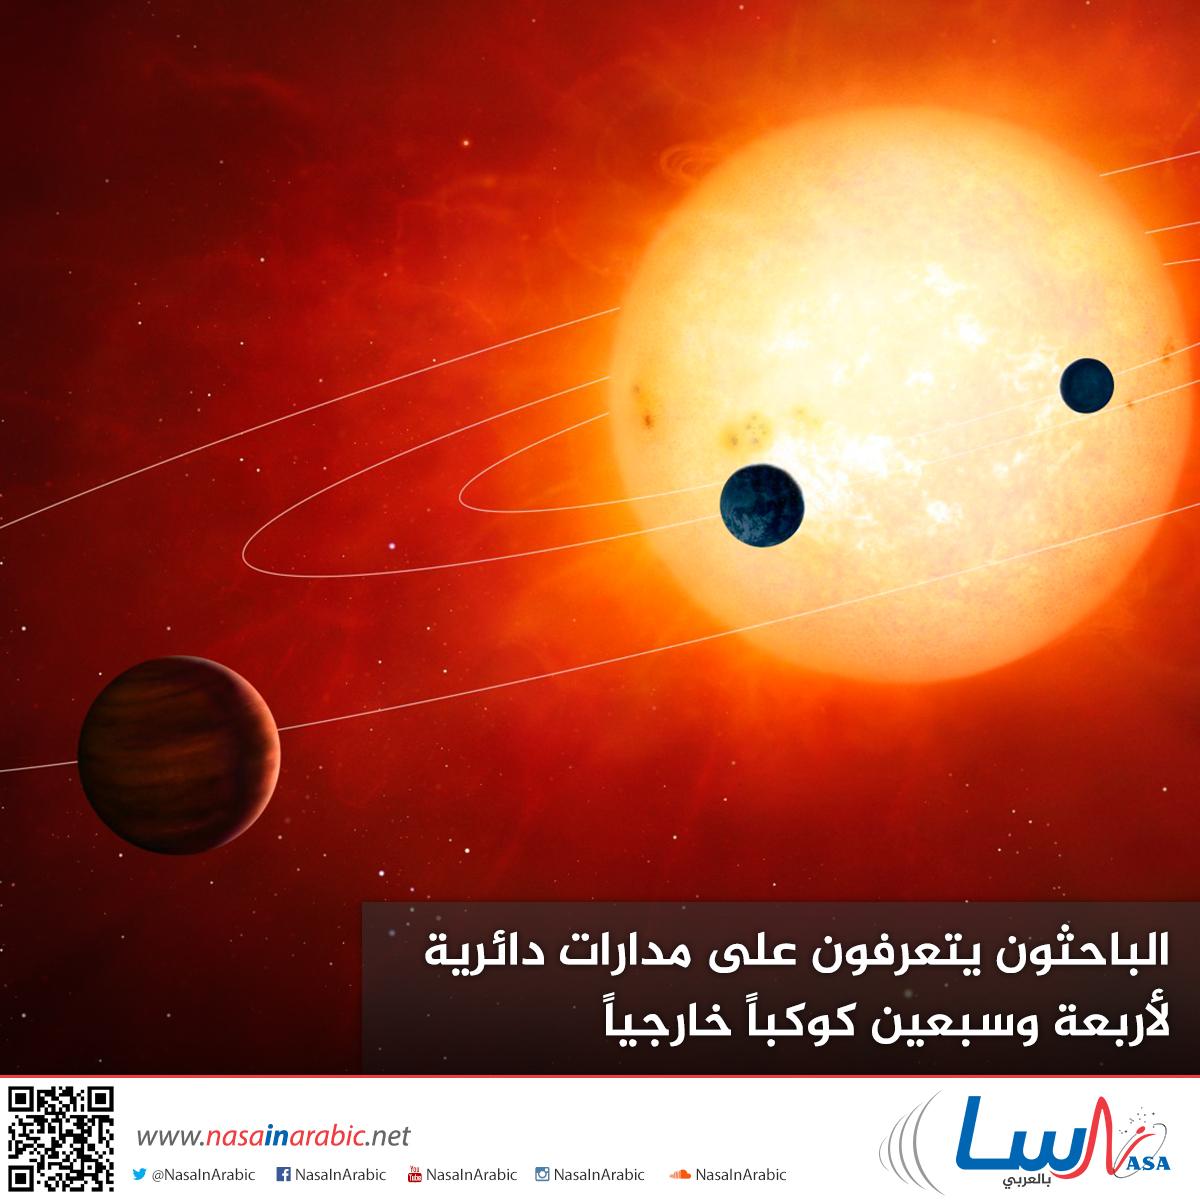 الباحثون يتعرفون على مدارات دائرية لأربعة وسبعين كوكباً خارجياً